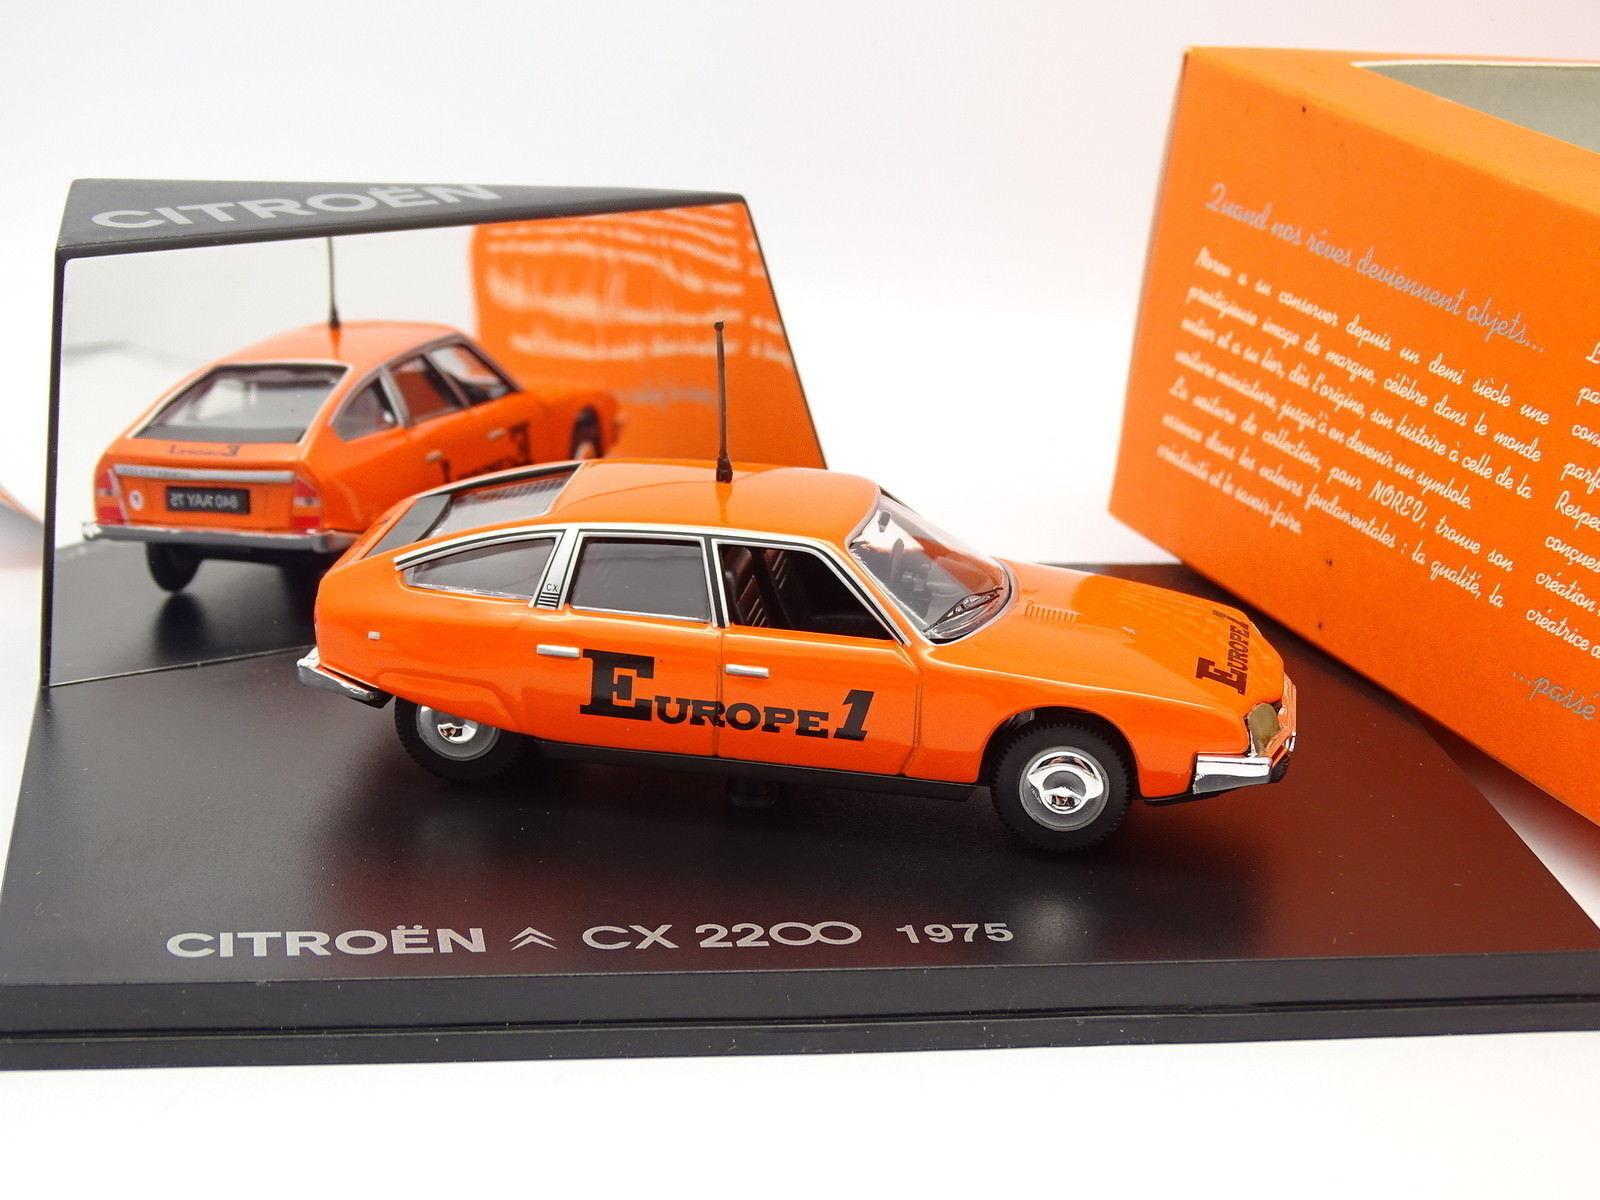 Norev 1 43 - CITROEN CX 2200 1975-Europe 1-Tour de France